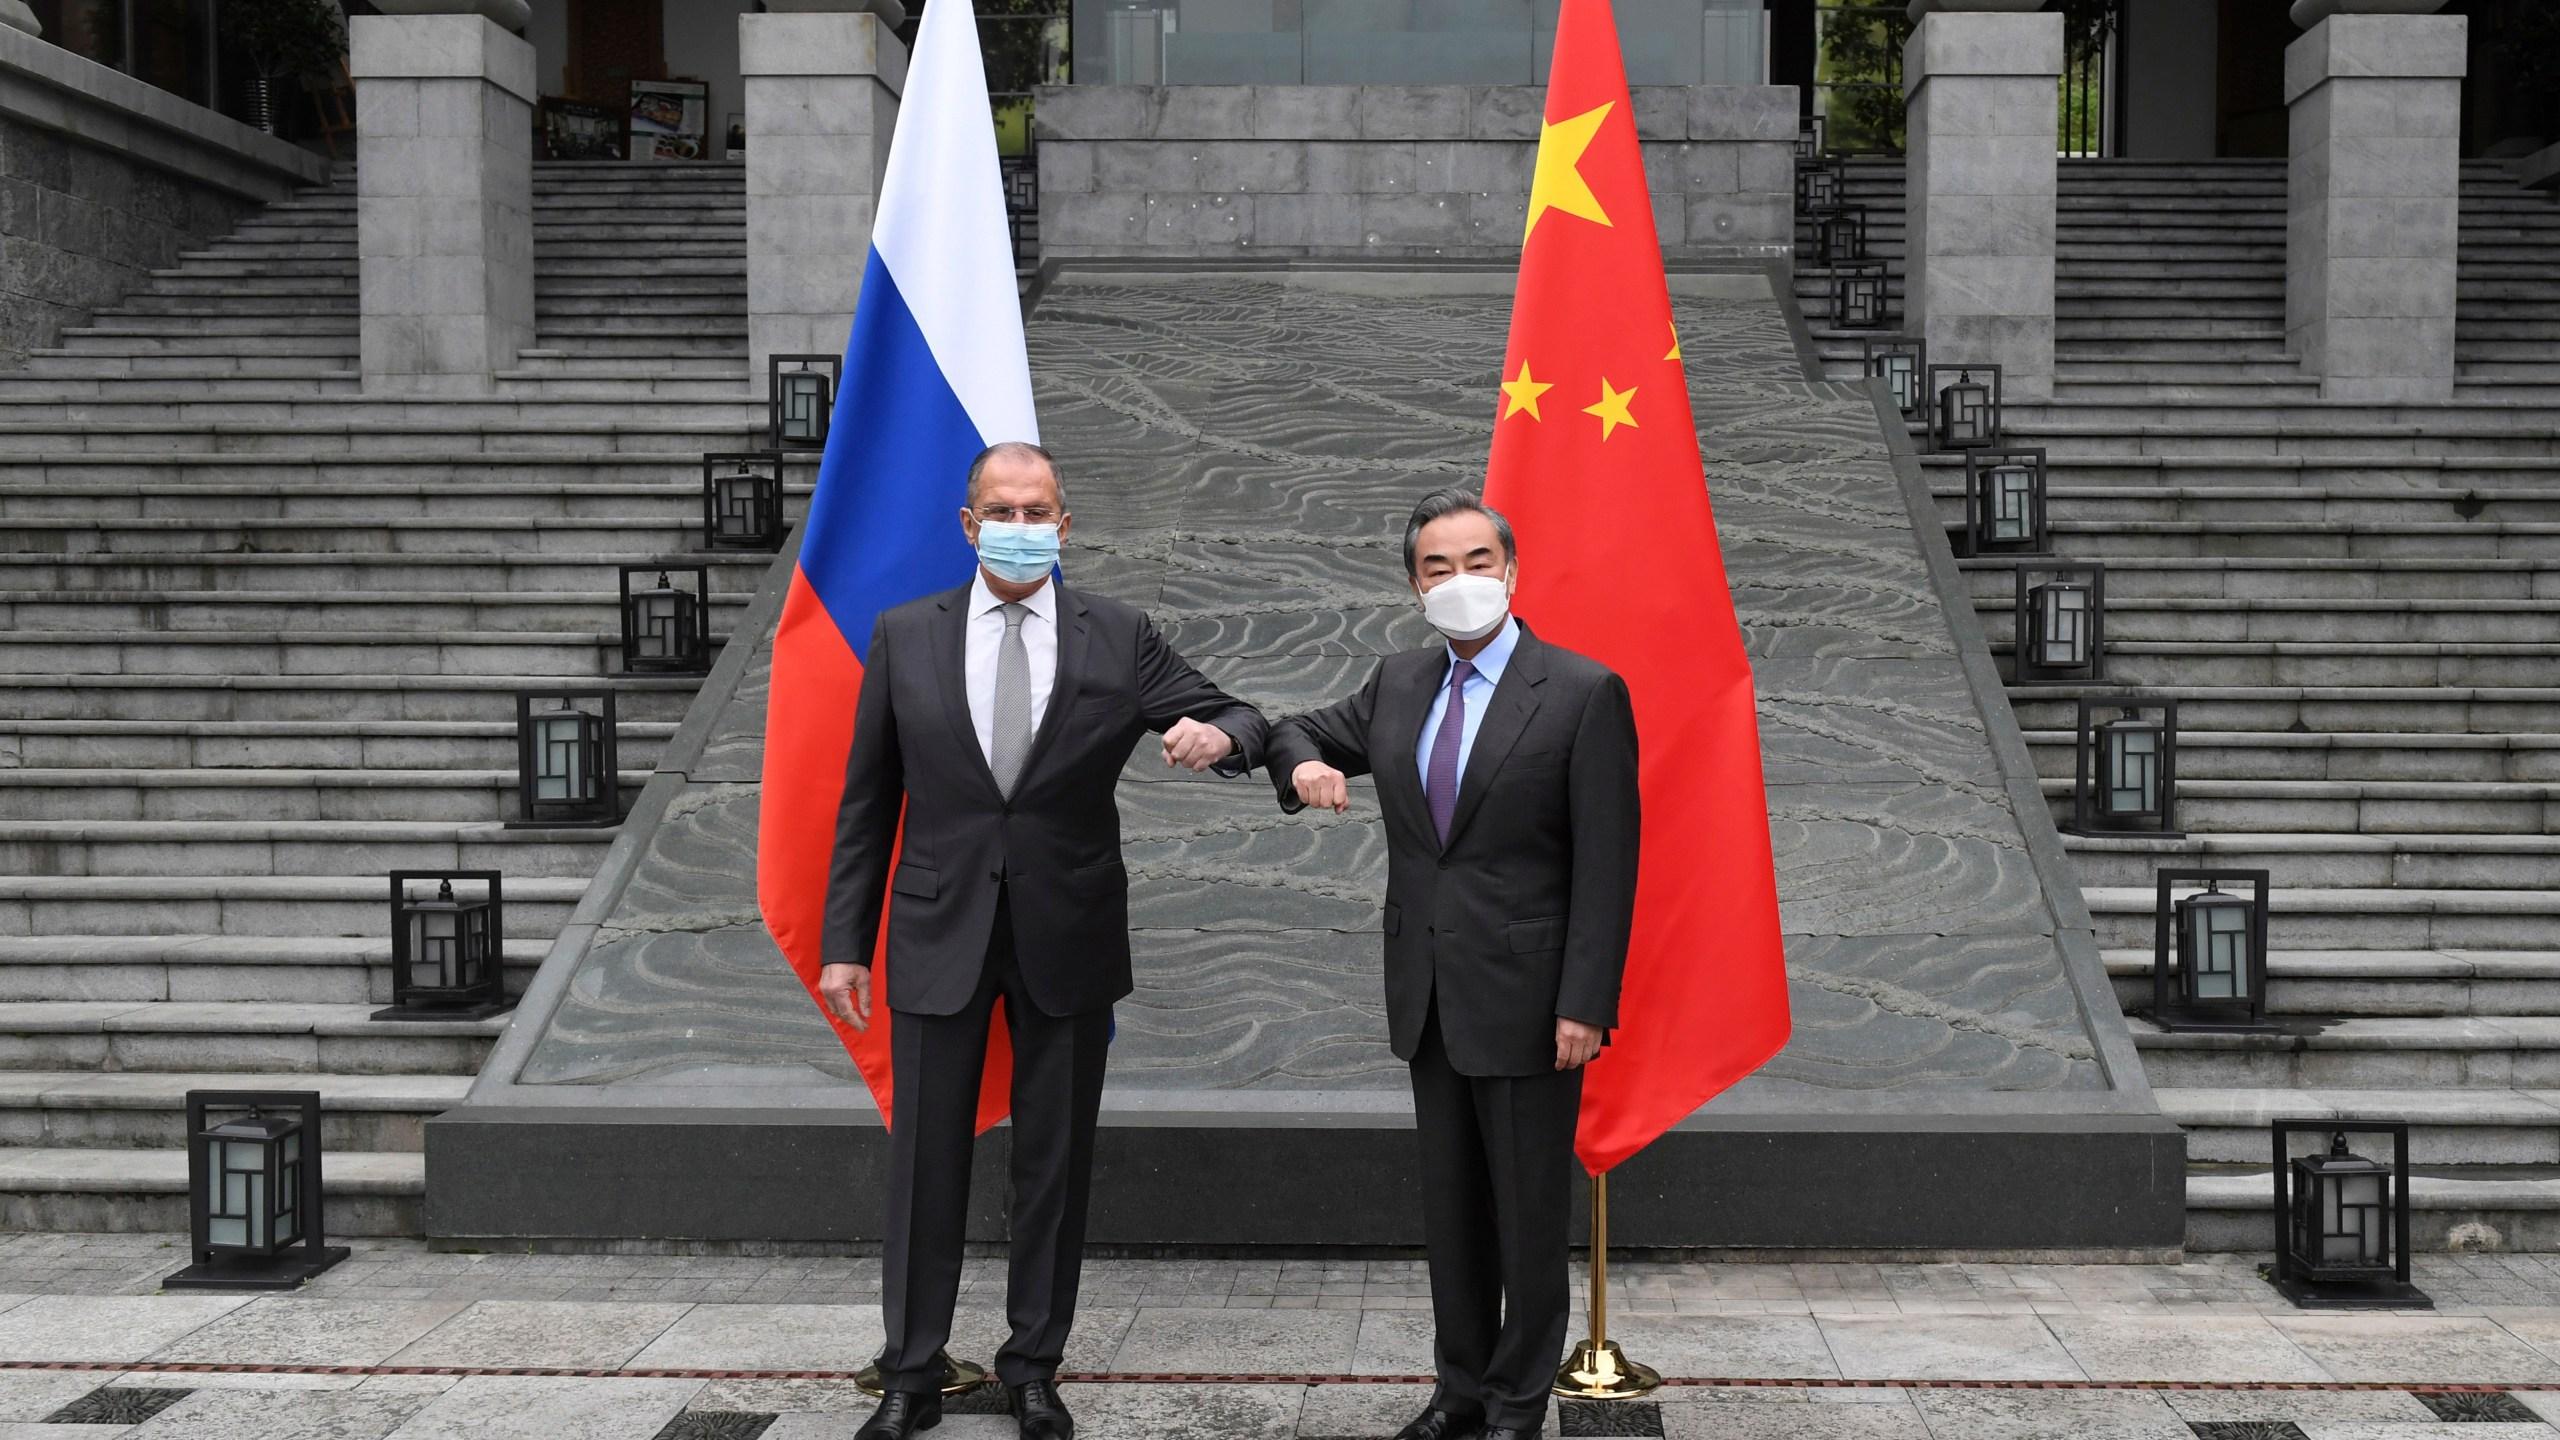 Sergei Lavrov, Wang Yi